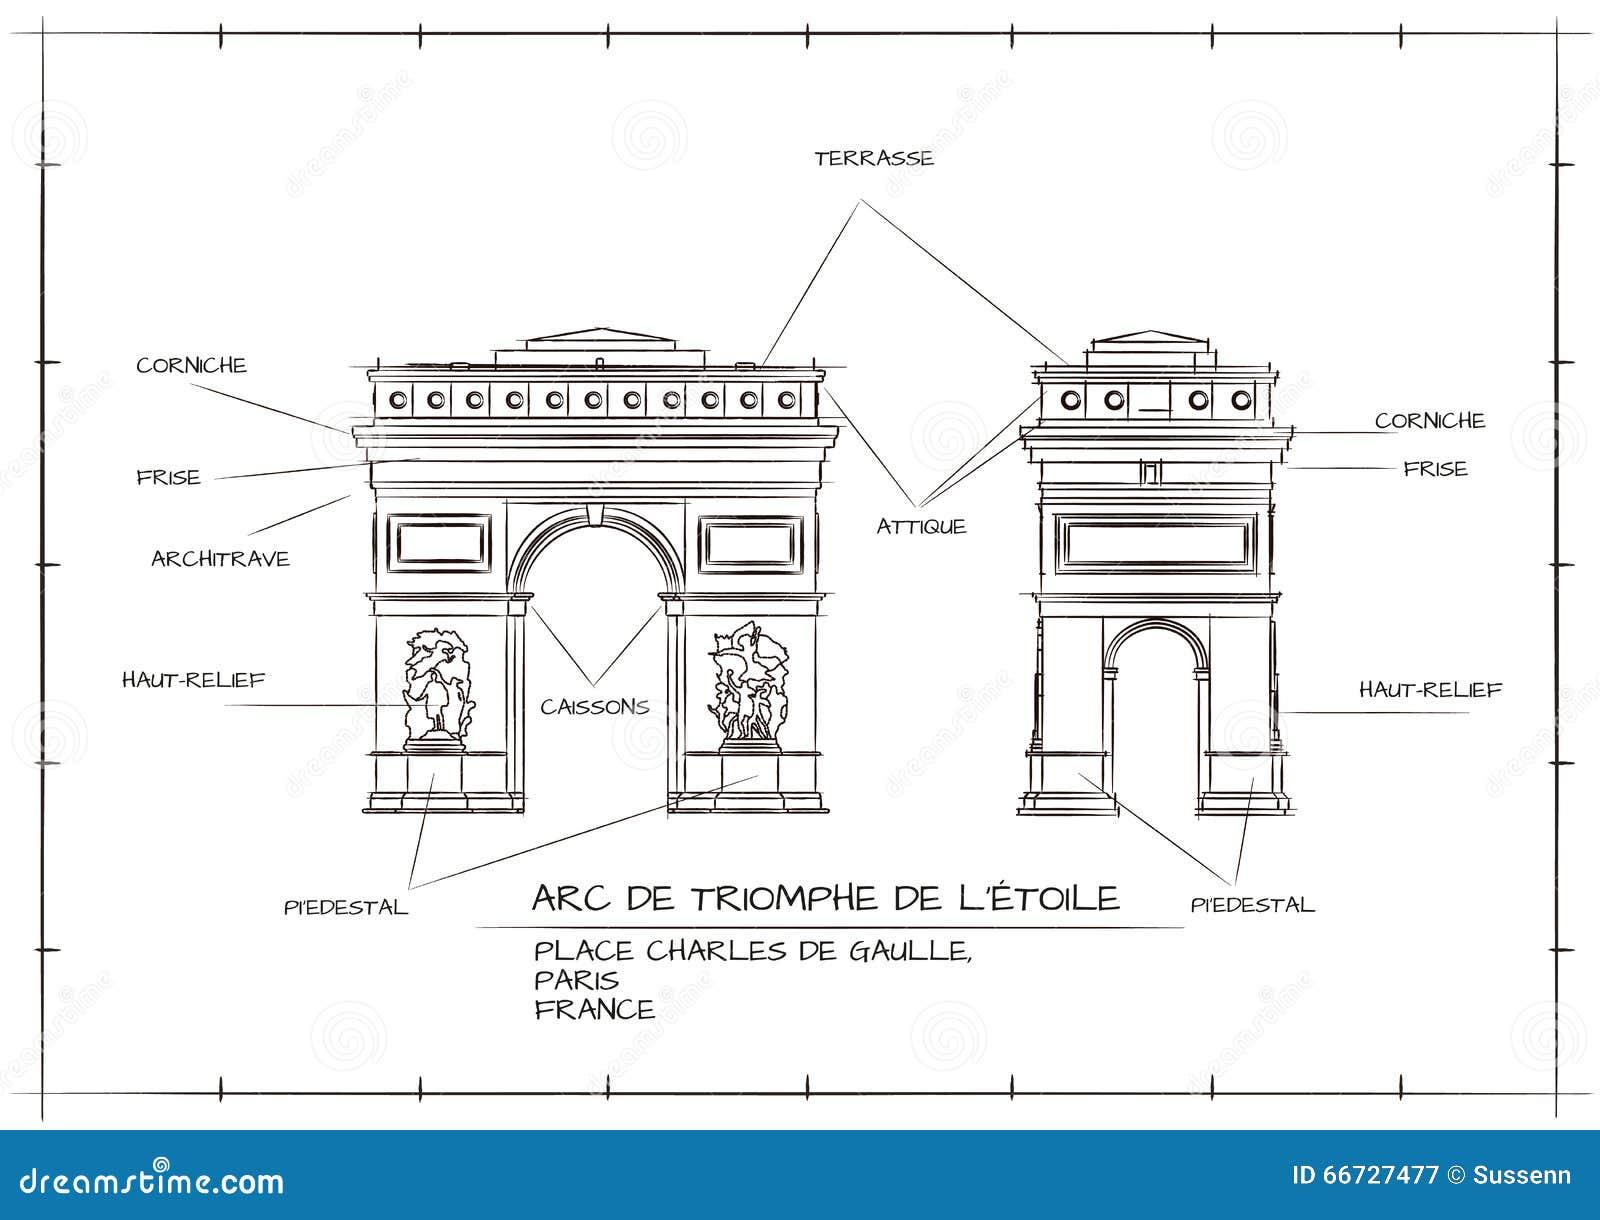 Arc de triomphe illustration de vecteur image 66727477 Architecture technique